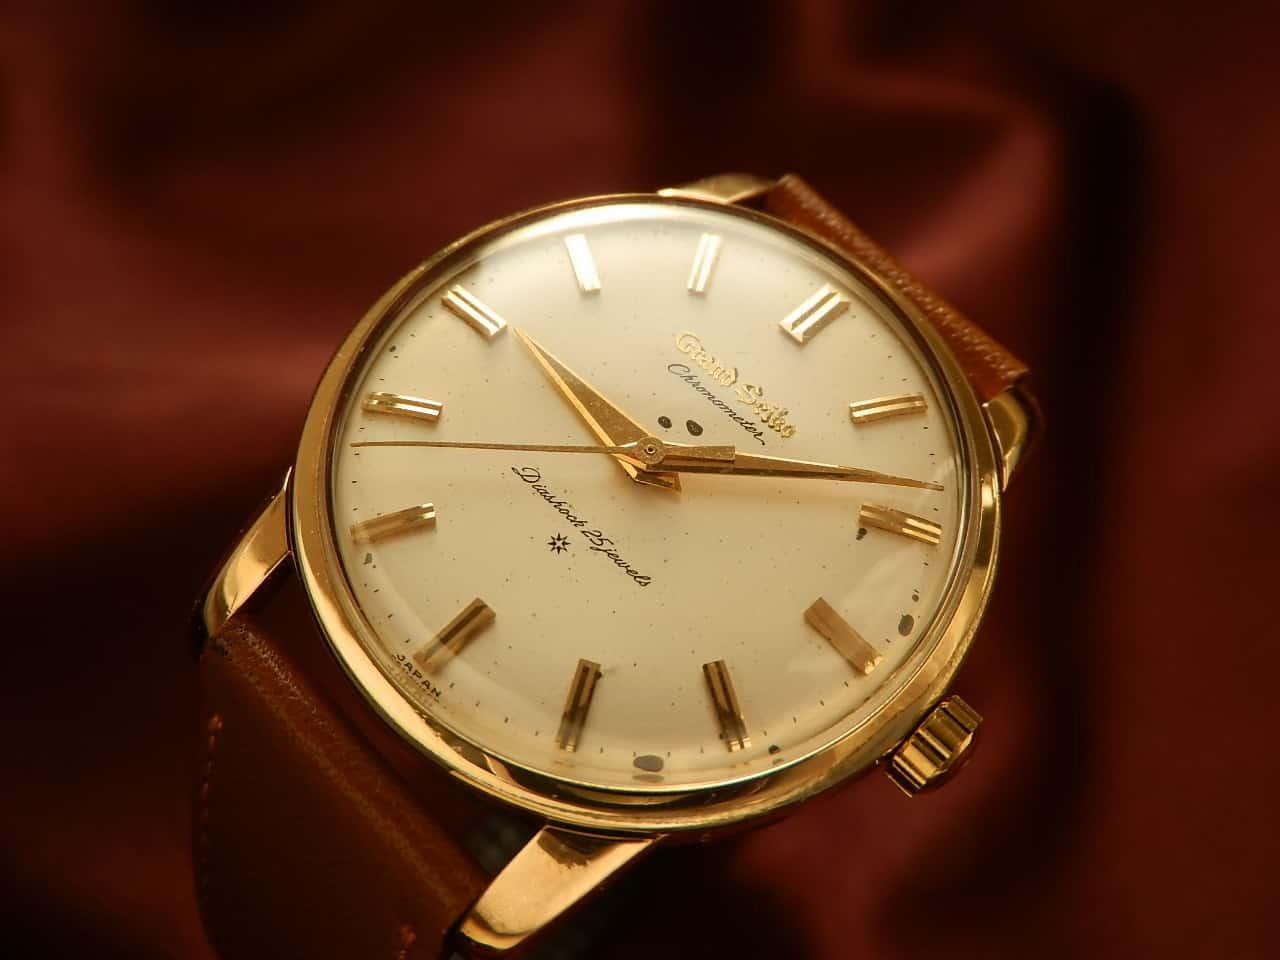 Dass Seiko vor dem Siegeszug der Quartzuhren hochwertige Armbanduhren produzierte, ist in Europa nicht weit verbreitet. Die Uhren hätten aber mehr Aufmerksamkeit verdient - wie diese Grand Seiko aus dem Jahr 1960